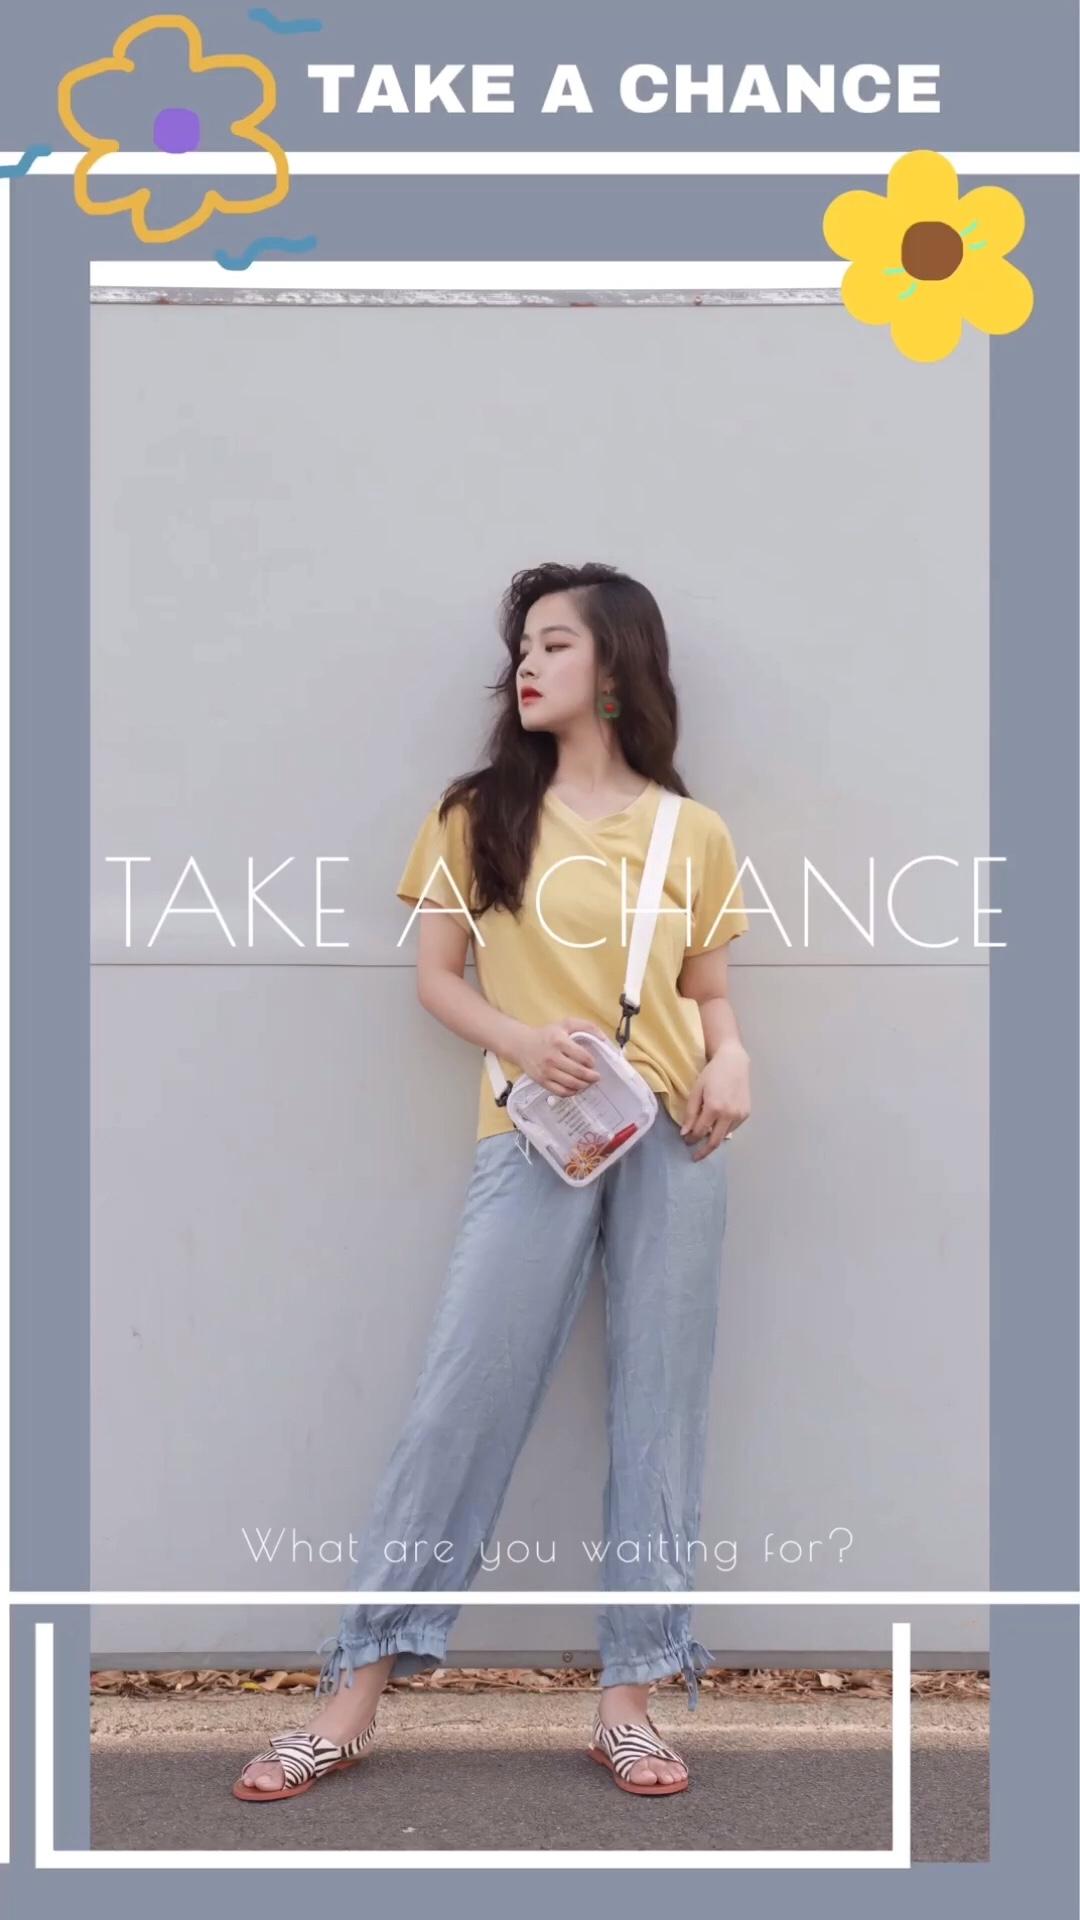 鹅黄色V领短袖T恤搭配浅蓝色束脚灯笼裤 斜挎白色透明包包 整套清新甜美#日常时髦经:舒服最重要!#